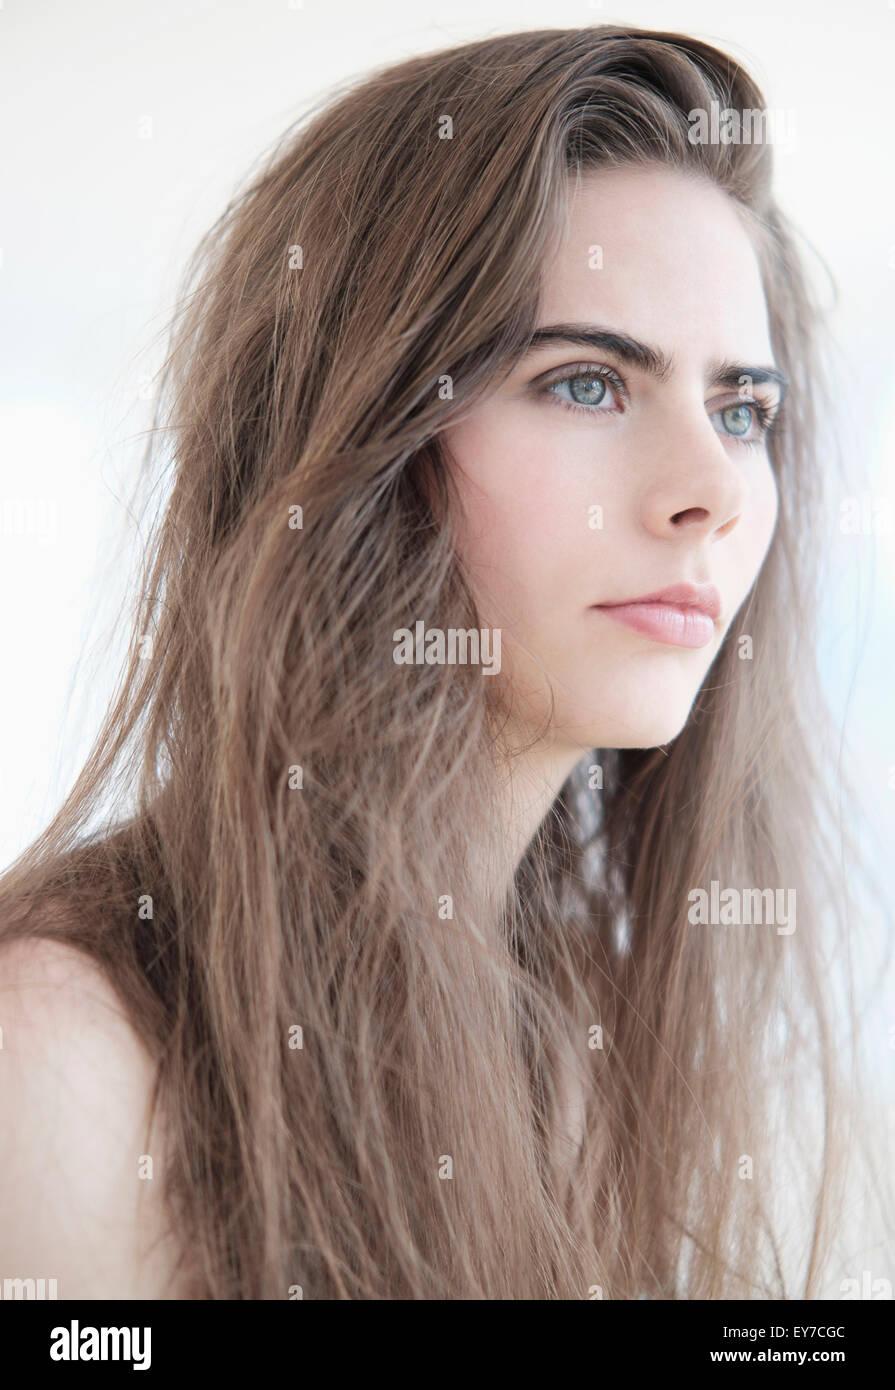 Porträt der jungen Frau mit blauen Augen Stockbild